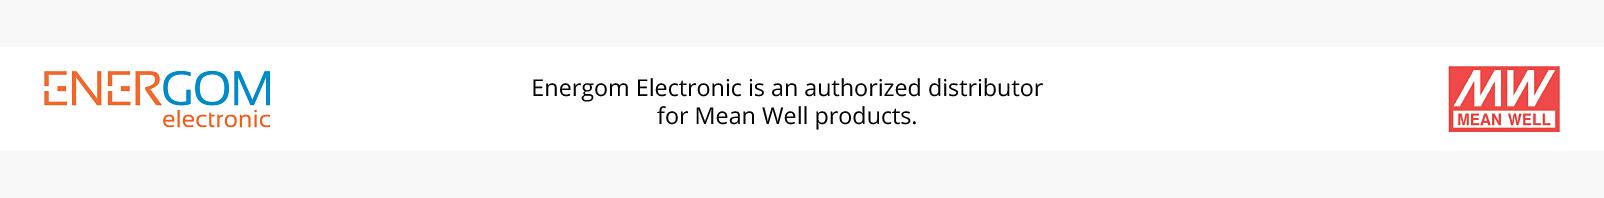 Az Energom Electronic Kft. a Mean Well termékek disztribútora